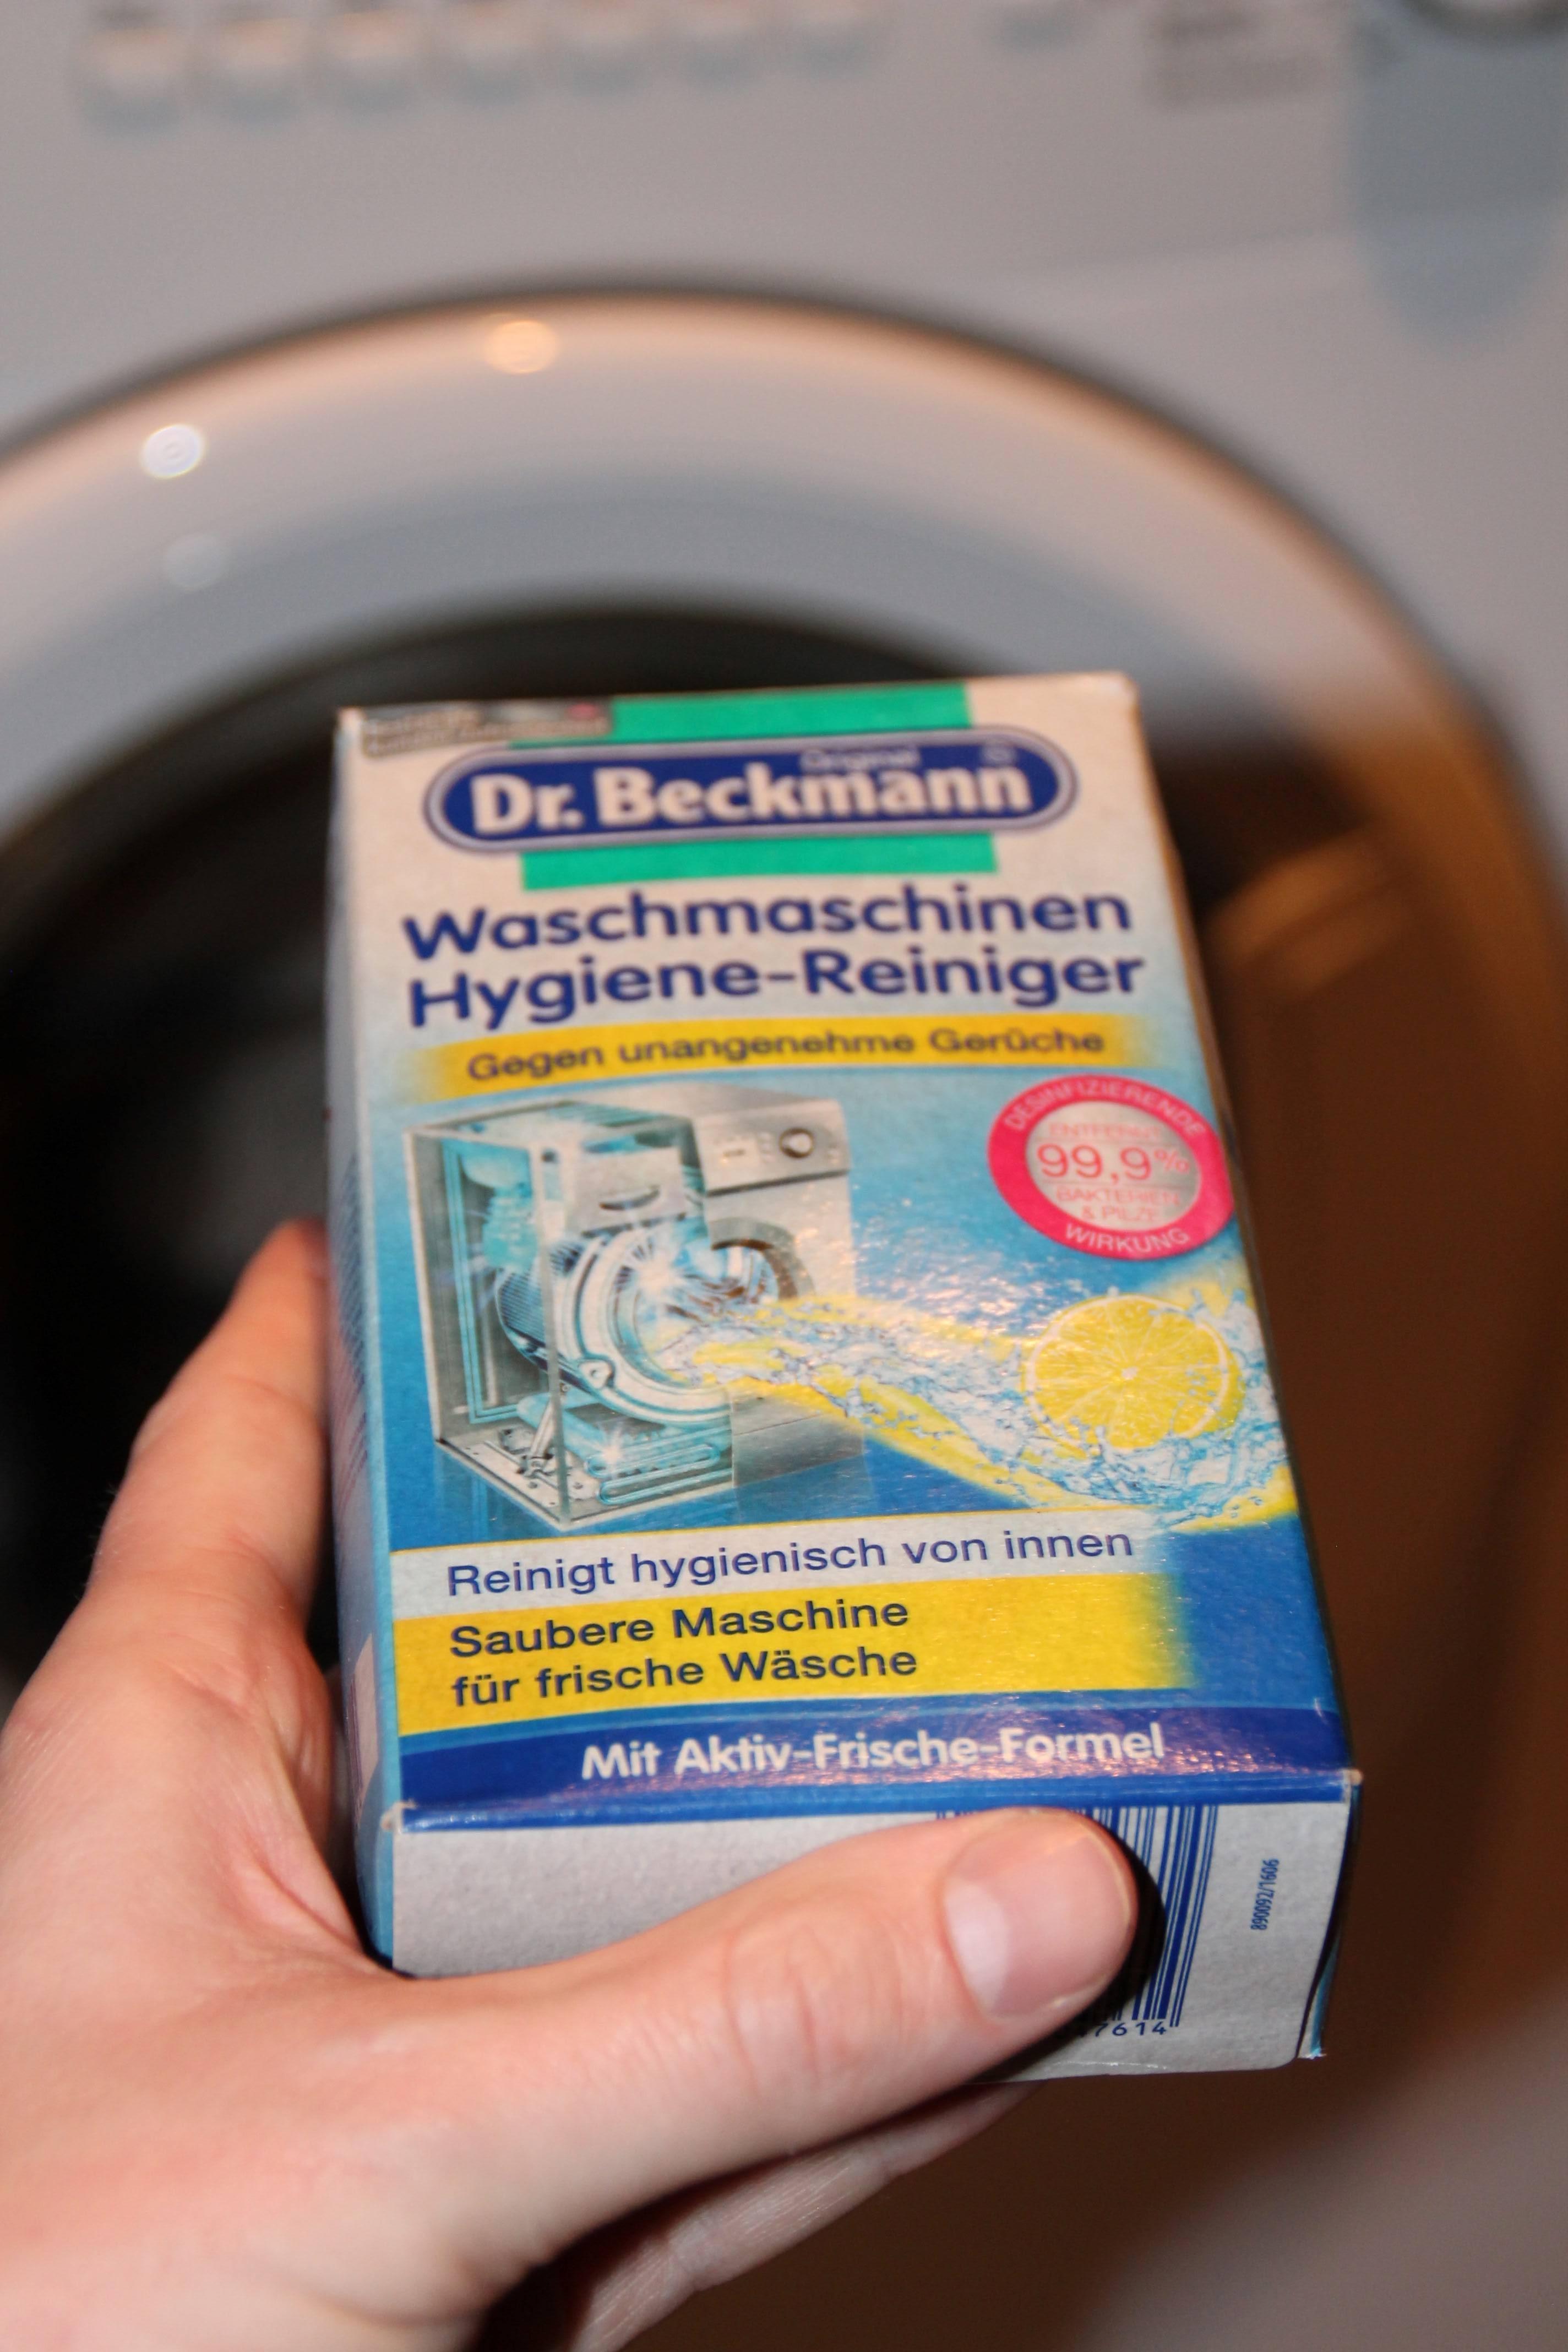 Waschmaschinenreiniger Dr. Beckmann I E1490780228615